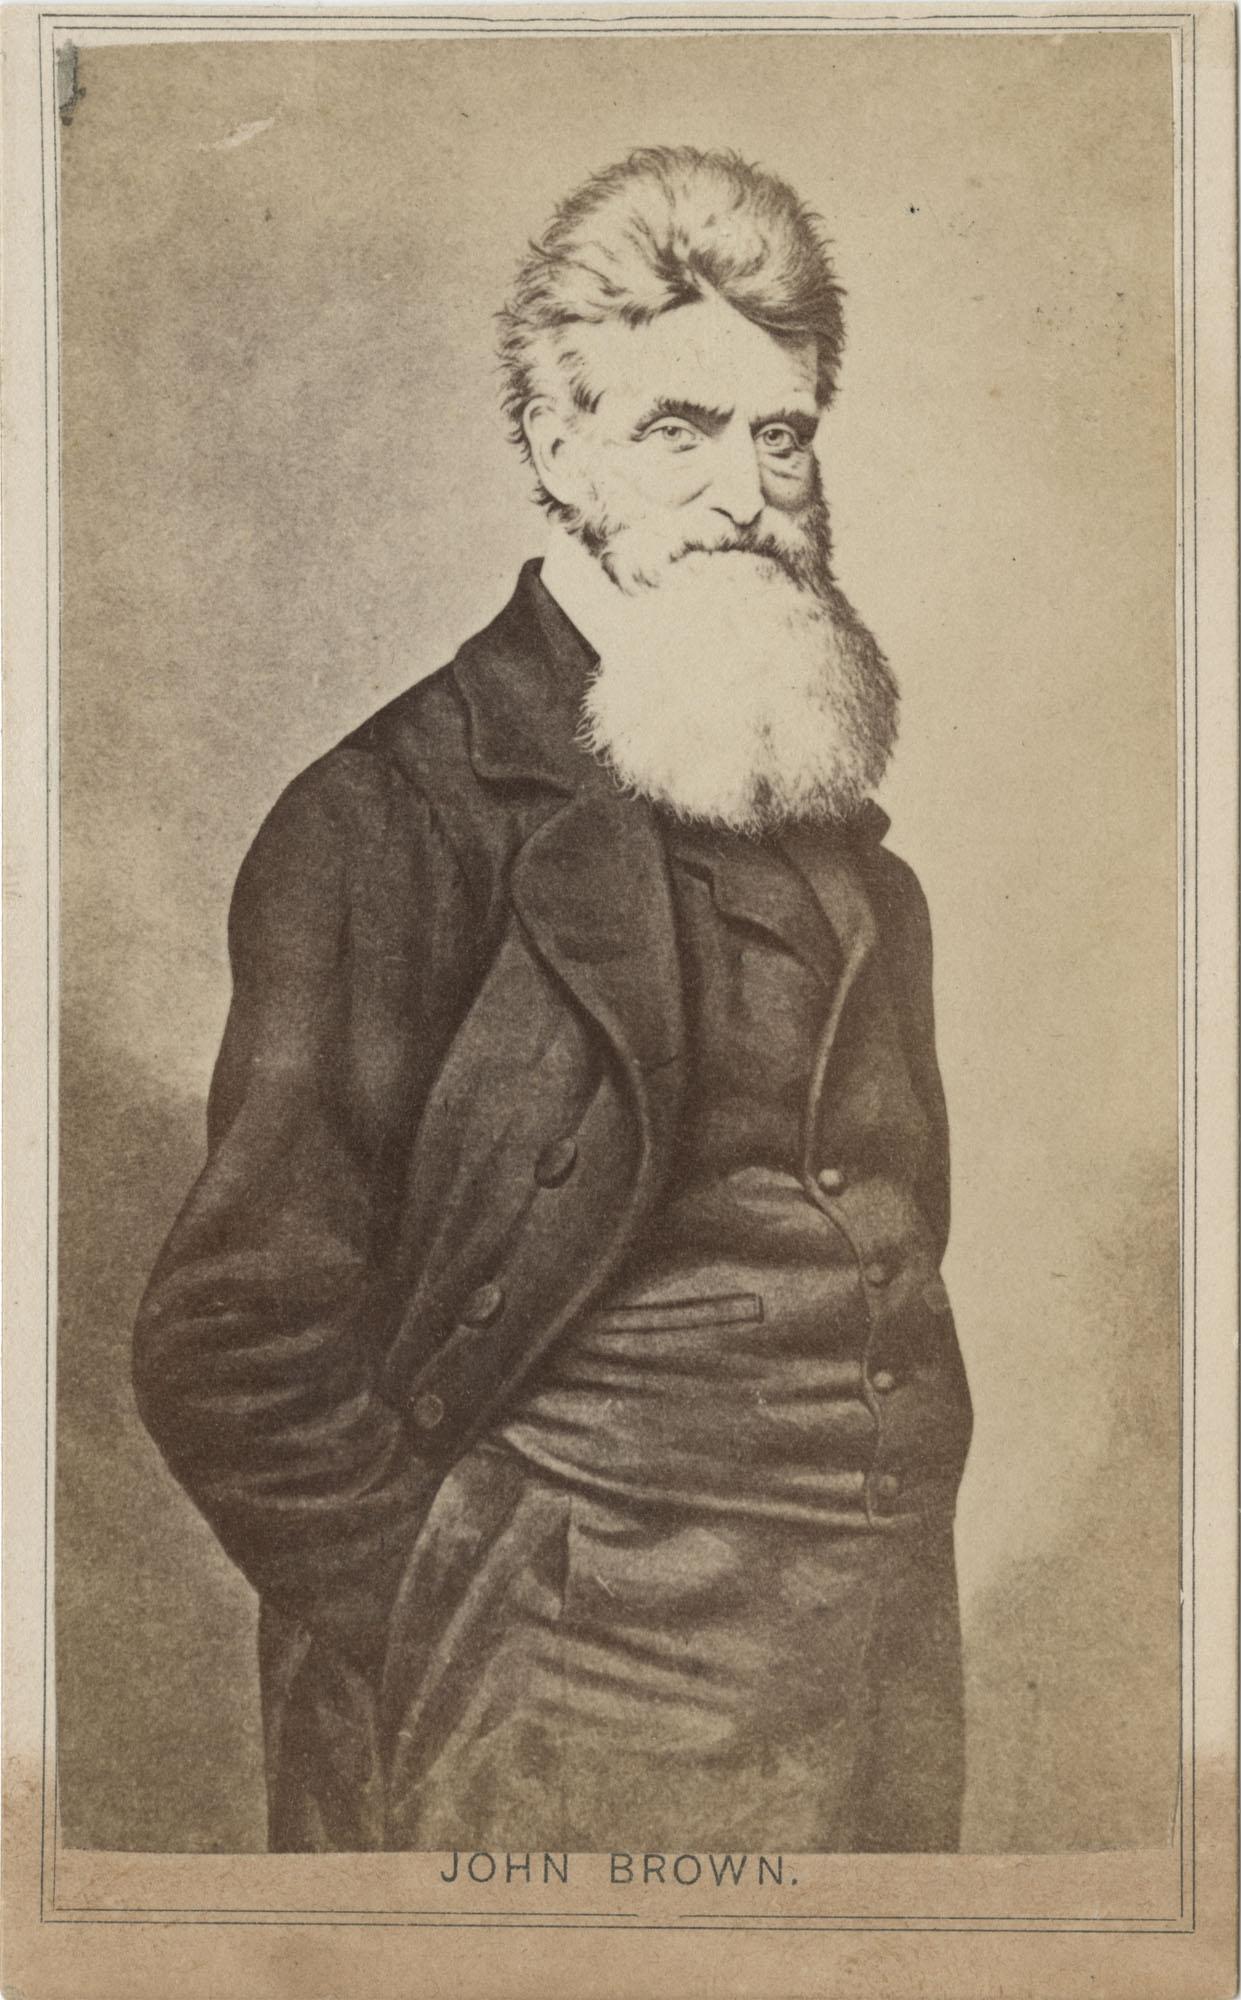 Paper photo of John Brown